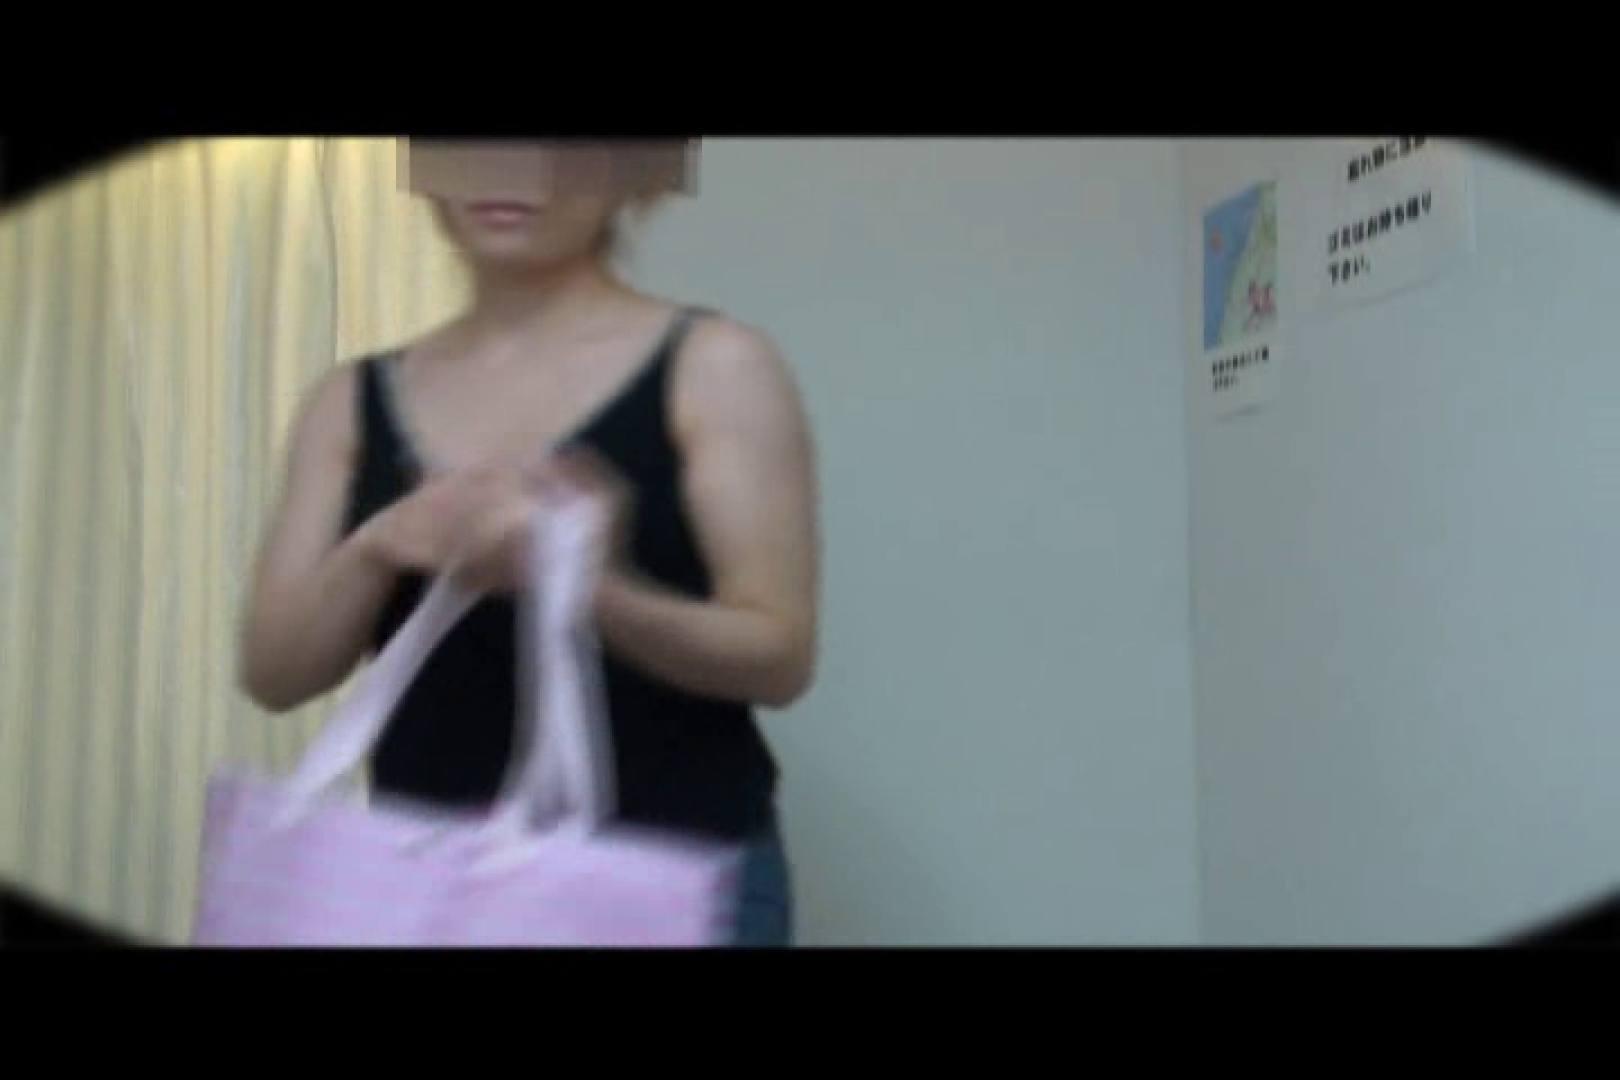 堅実でケチな女性程盗撮される。vol.05 絶品!柔肌嬢! ギャルハメ撮り  20Pix 7